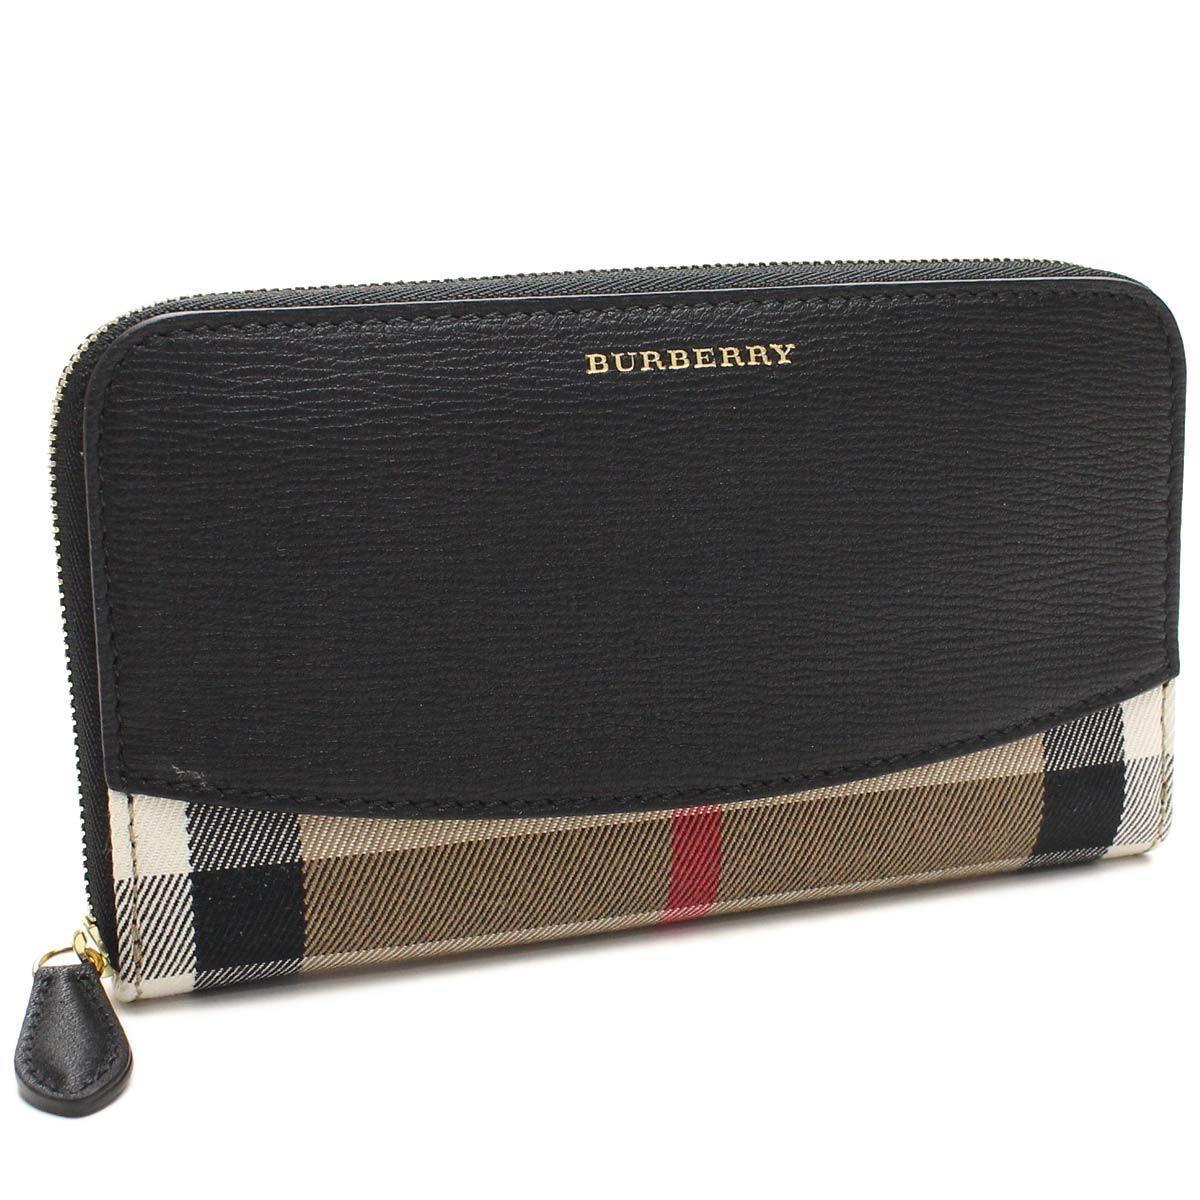 バーバリー (BURBERRY) 長財布 ラウンドファスナー3975334BLACK ブラックマルチカラー( 財布 )